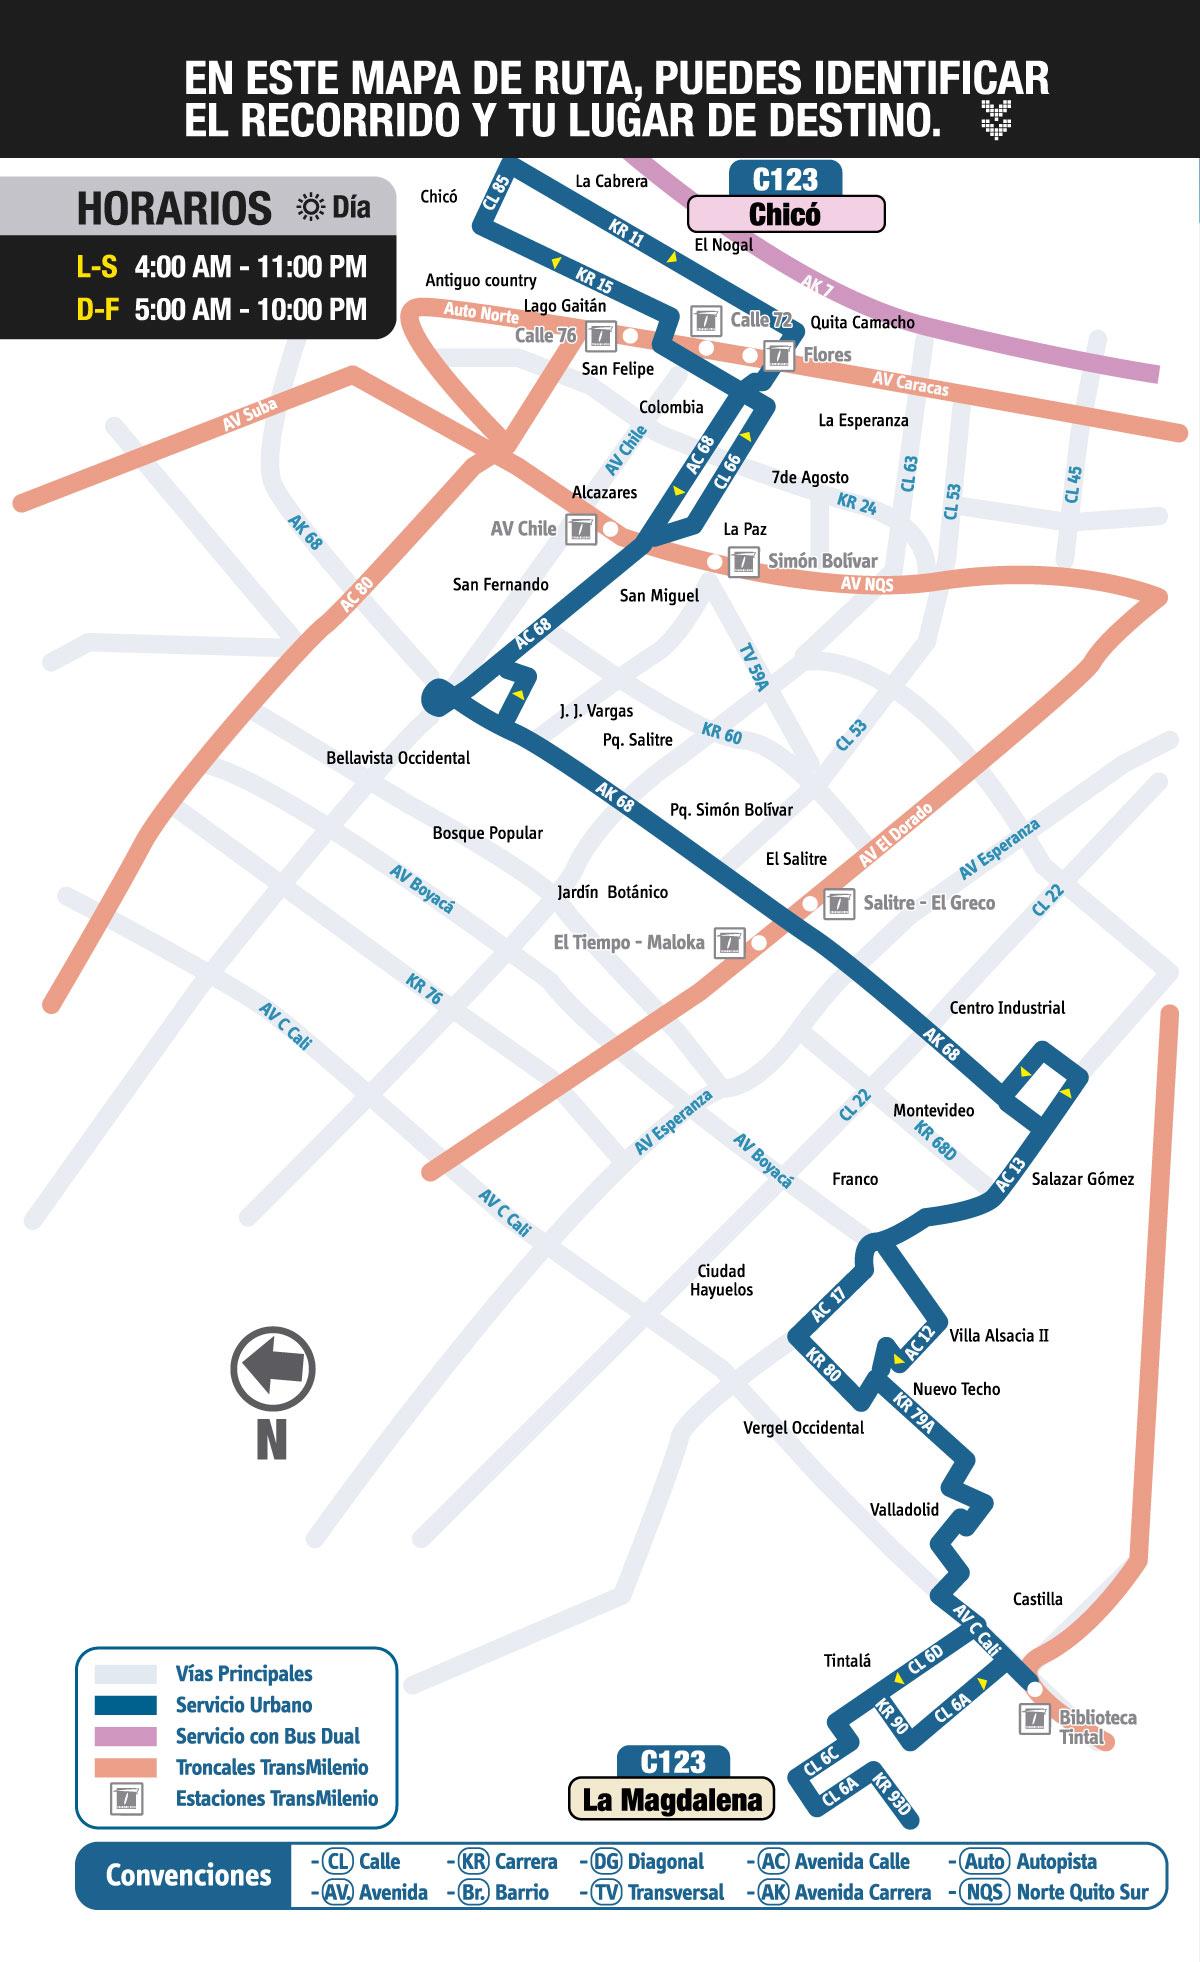 Mapa ruta urbana Ruta C123 Chicó - La Magdalena